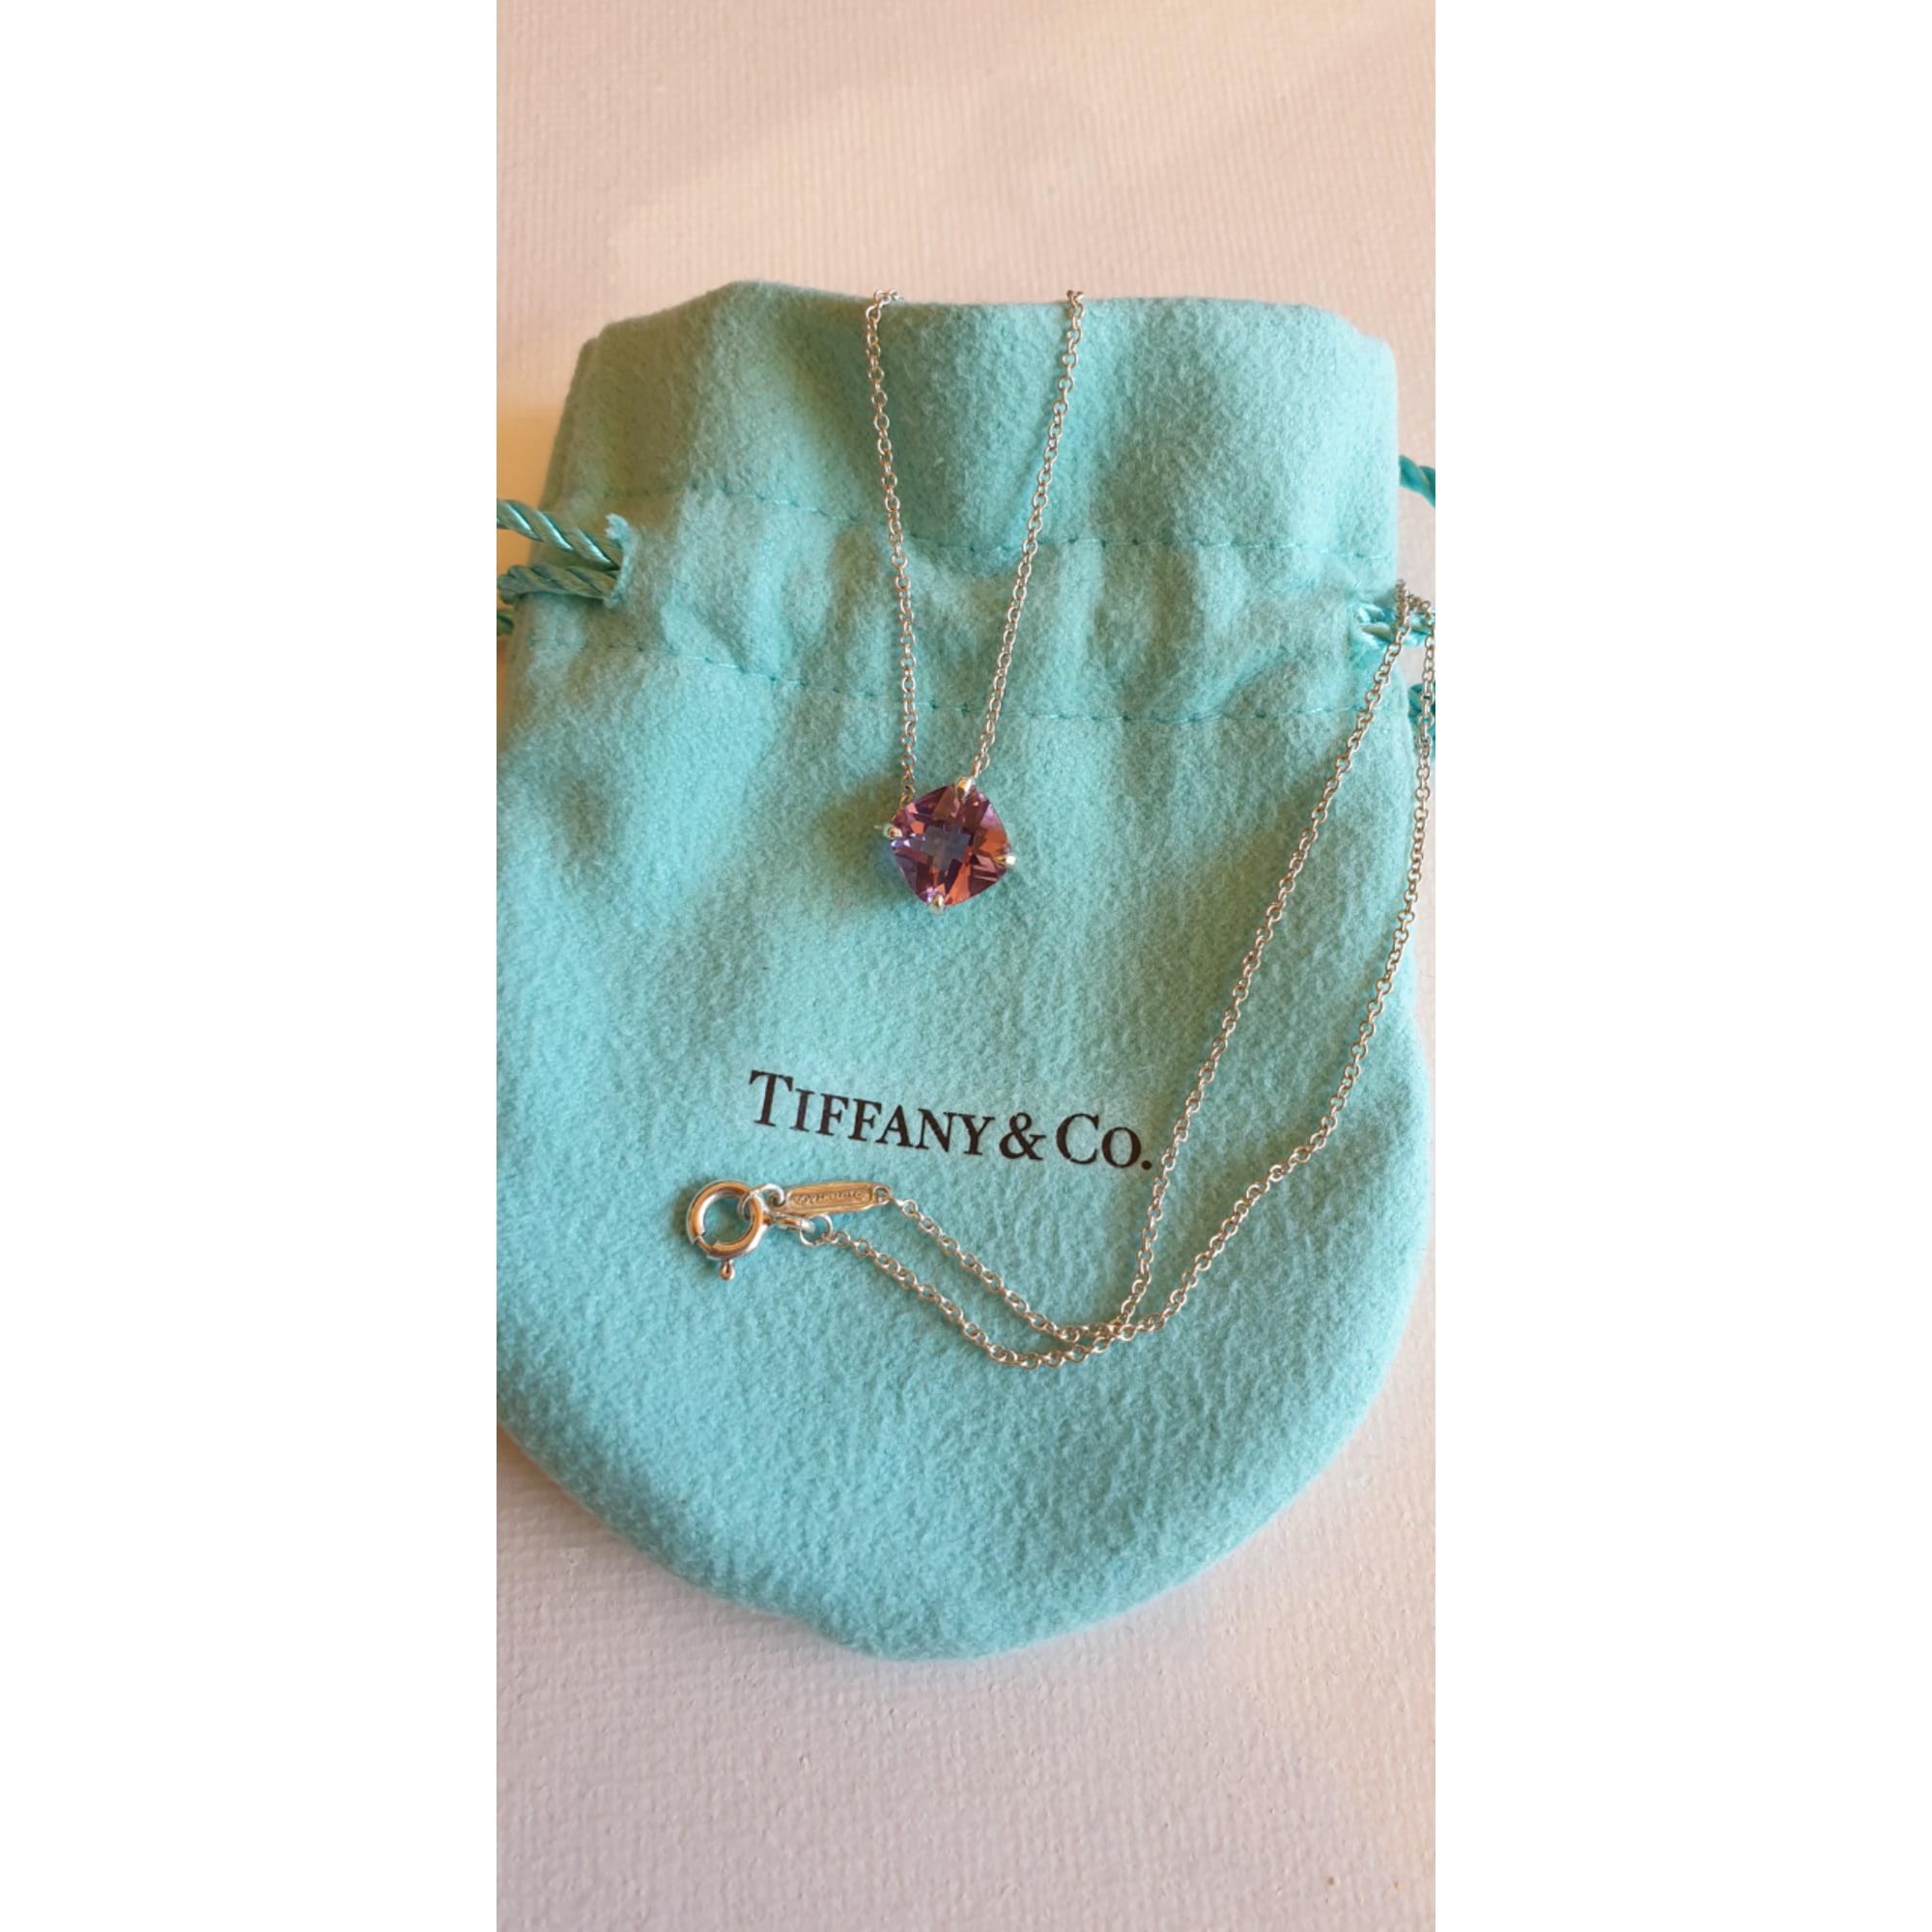 Ciondolo, collana con ciondoli TIFFANY & CO. Viola, lilla, lavanda